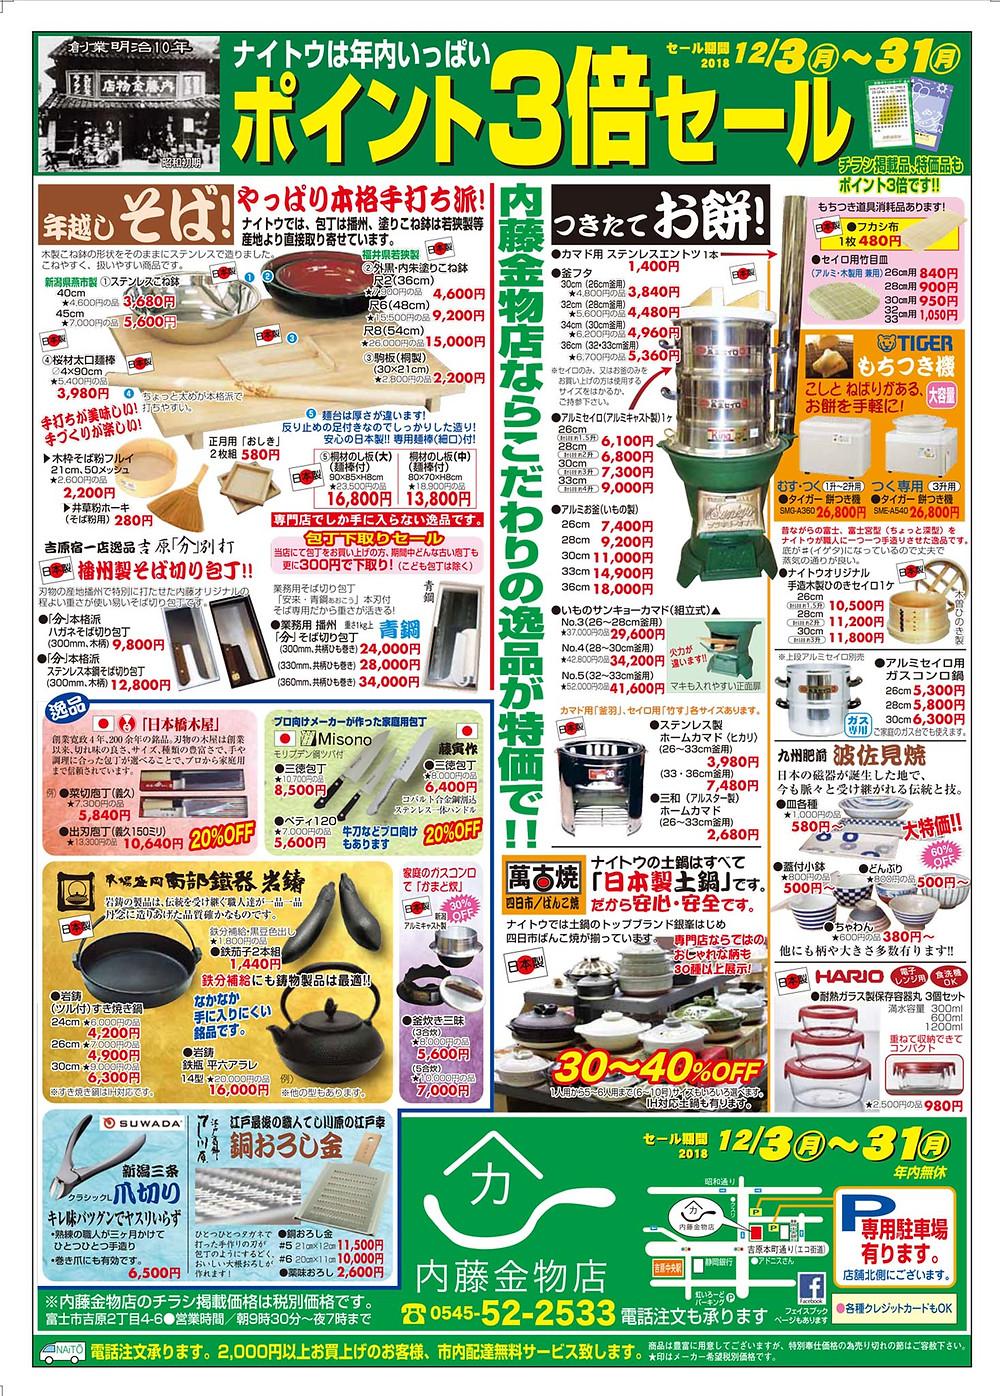 内藤金物店2018年セール